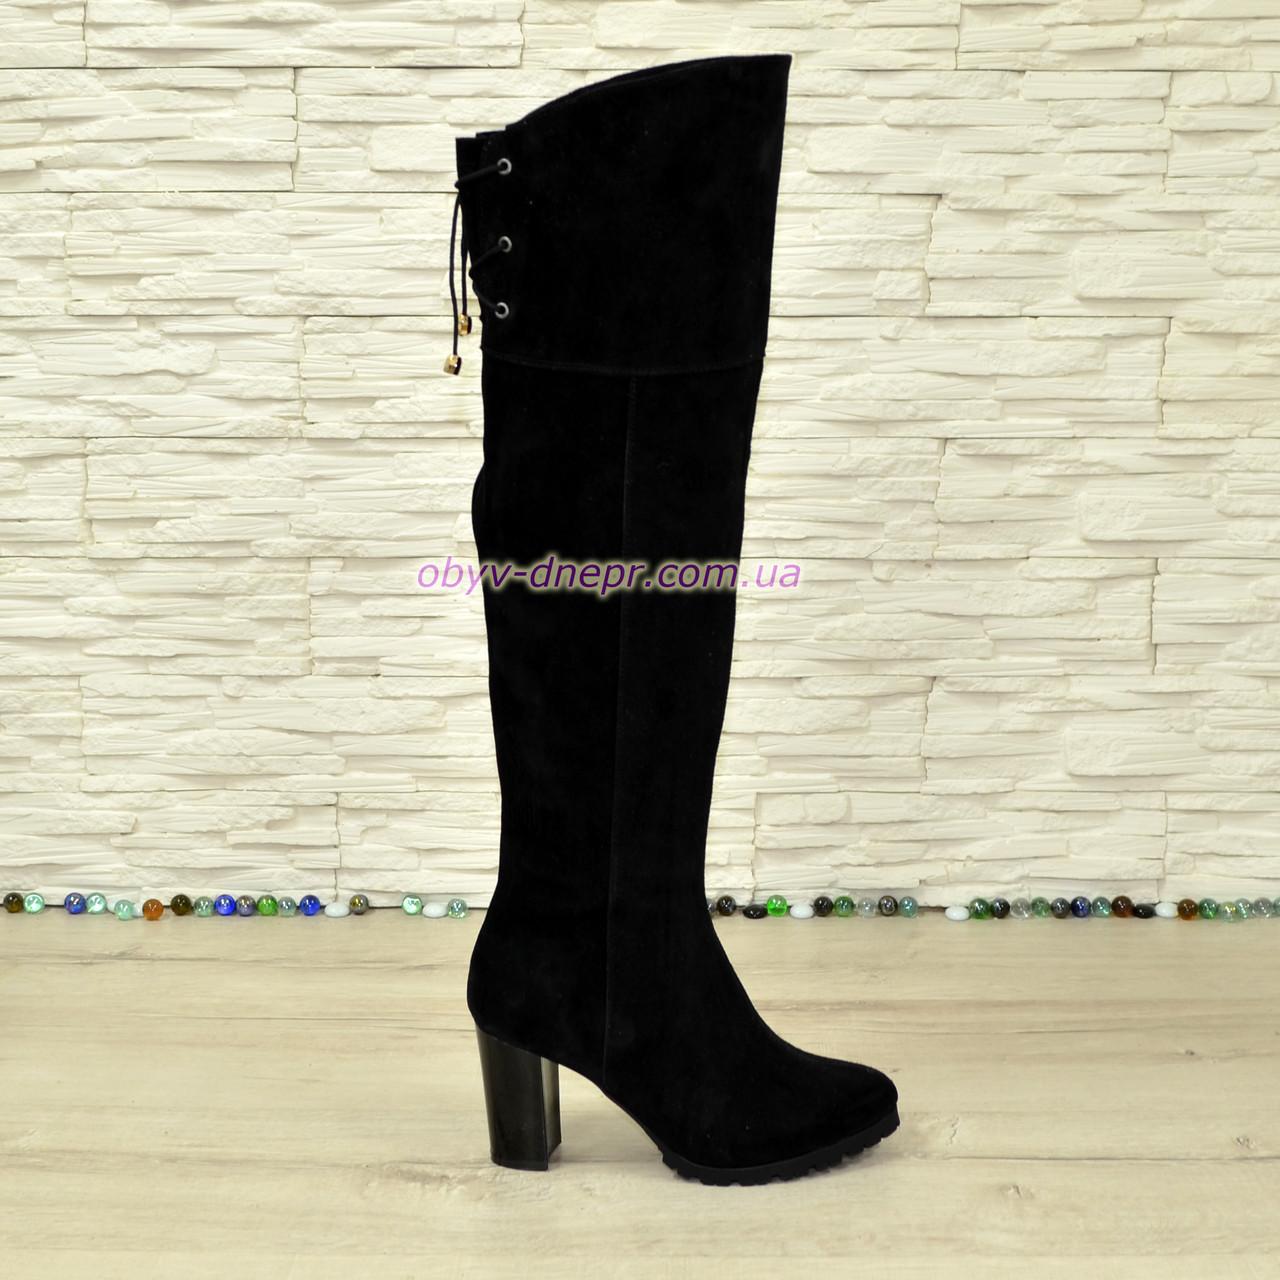 Ботфорты зимние замшевые на устойчивом каблуке, черный цвет.